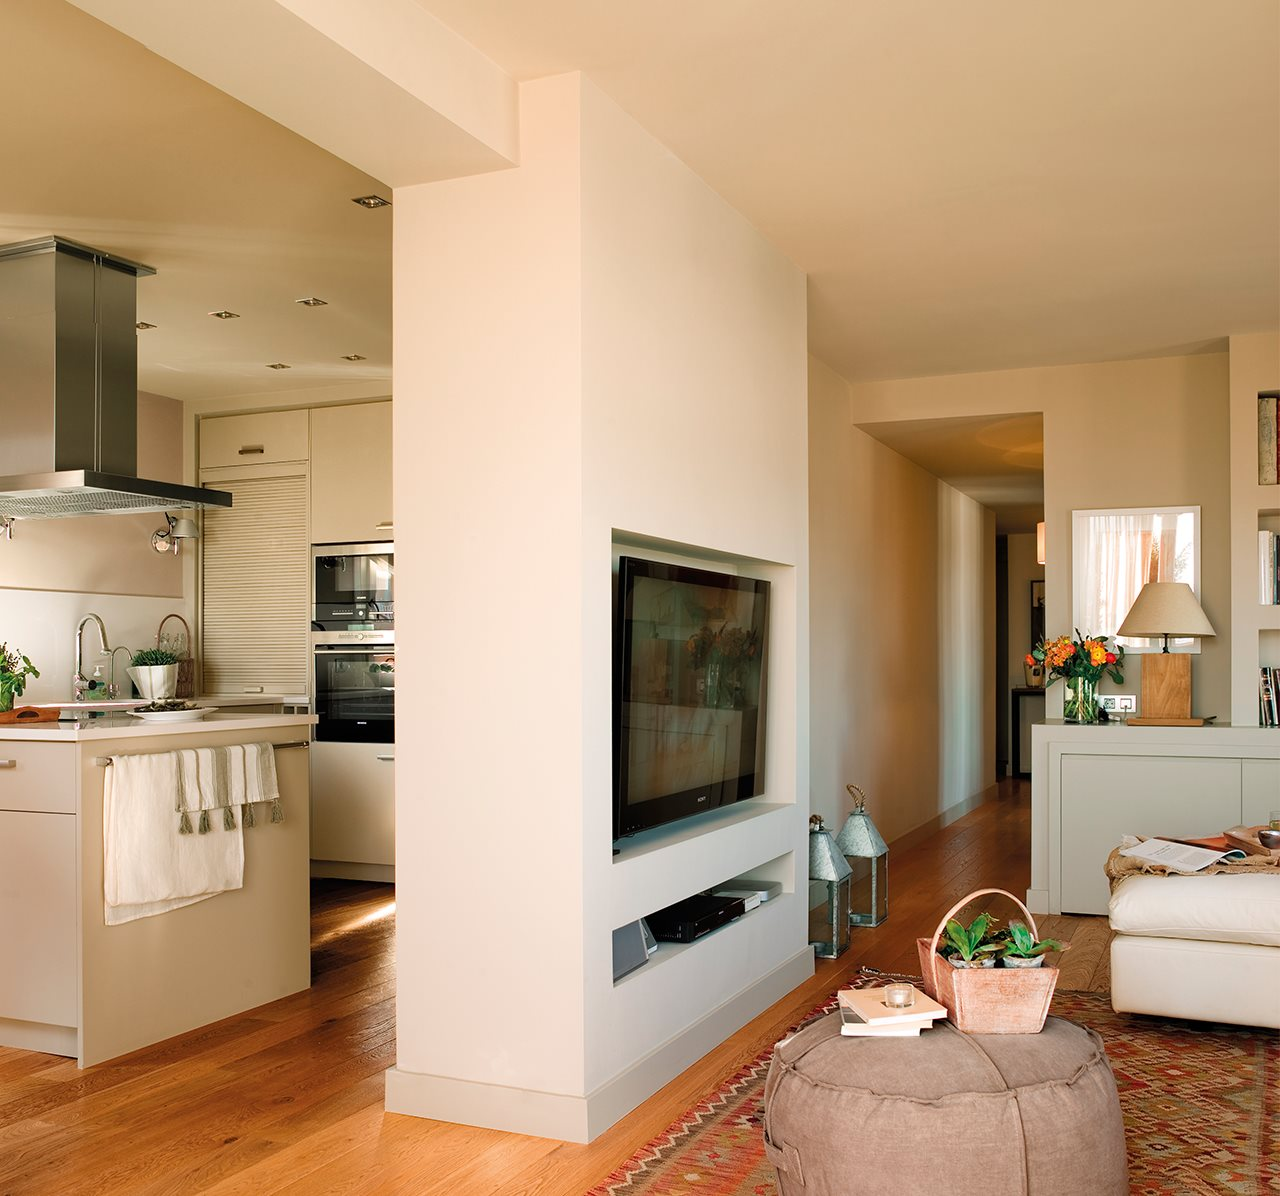 Dos pisos peque os transformados en la casa de una pareja for Separacion de muebles cocina comedor